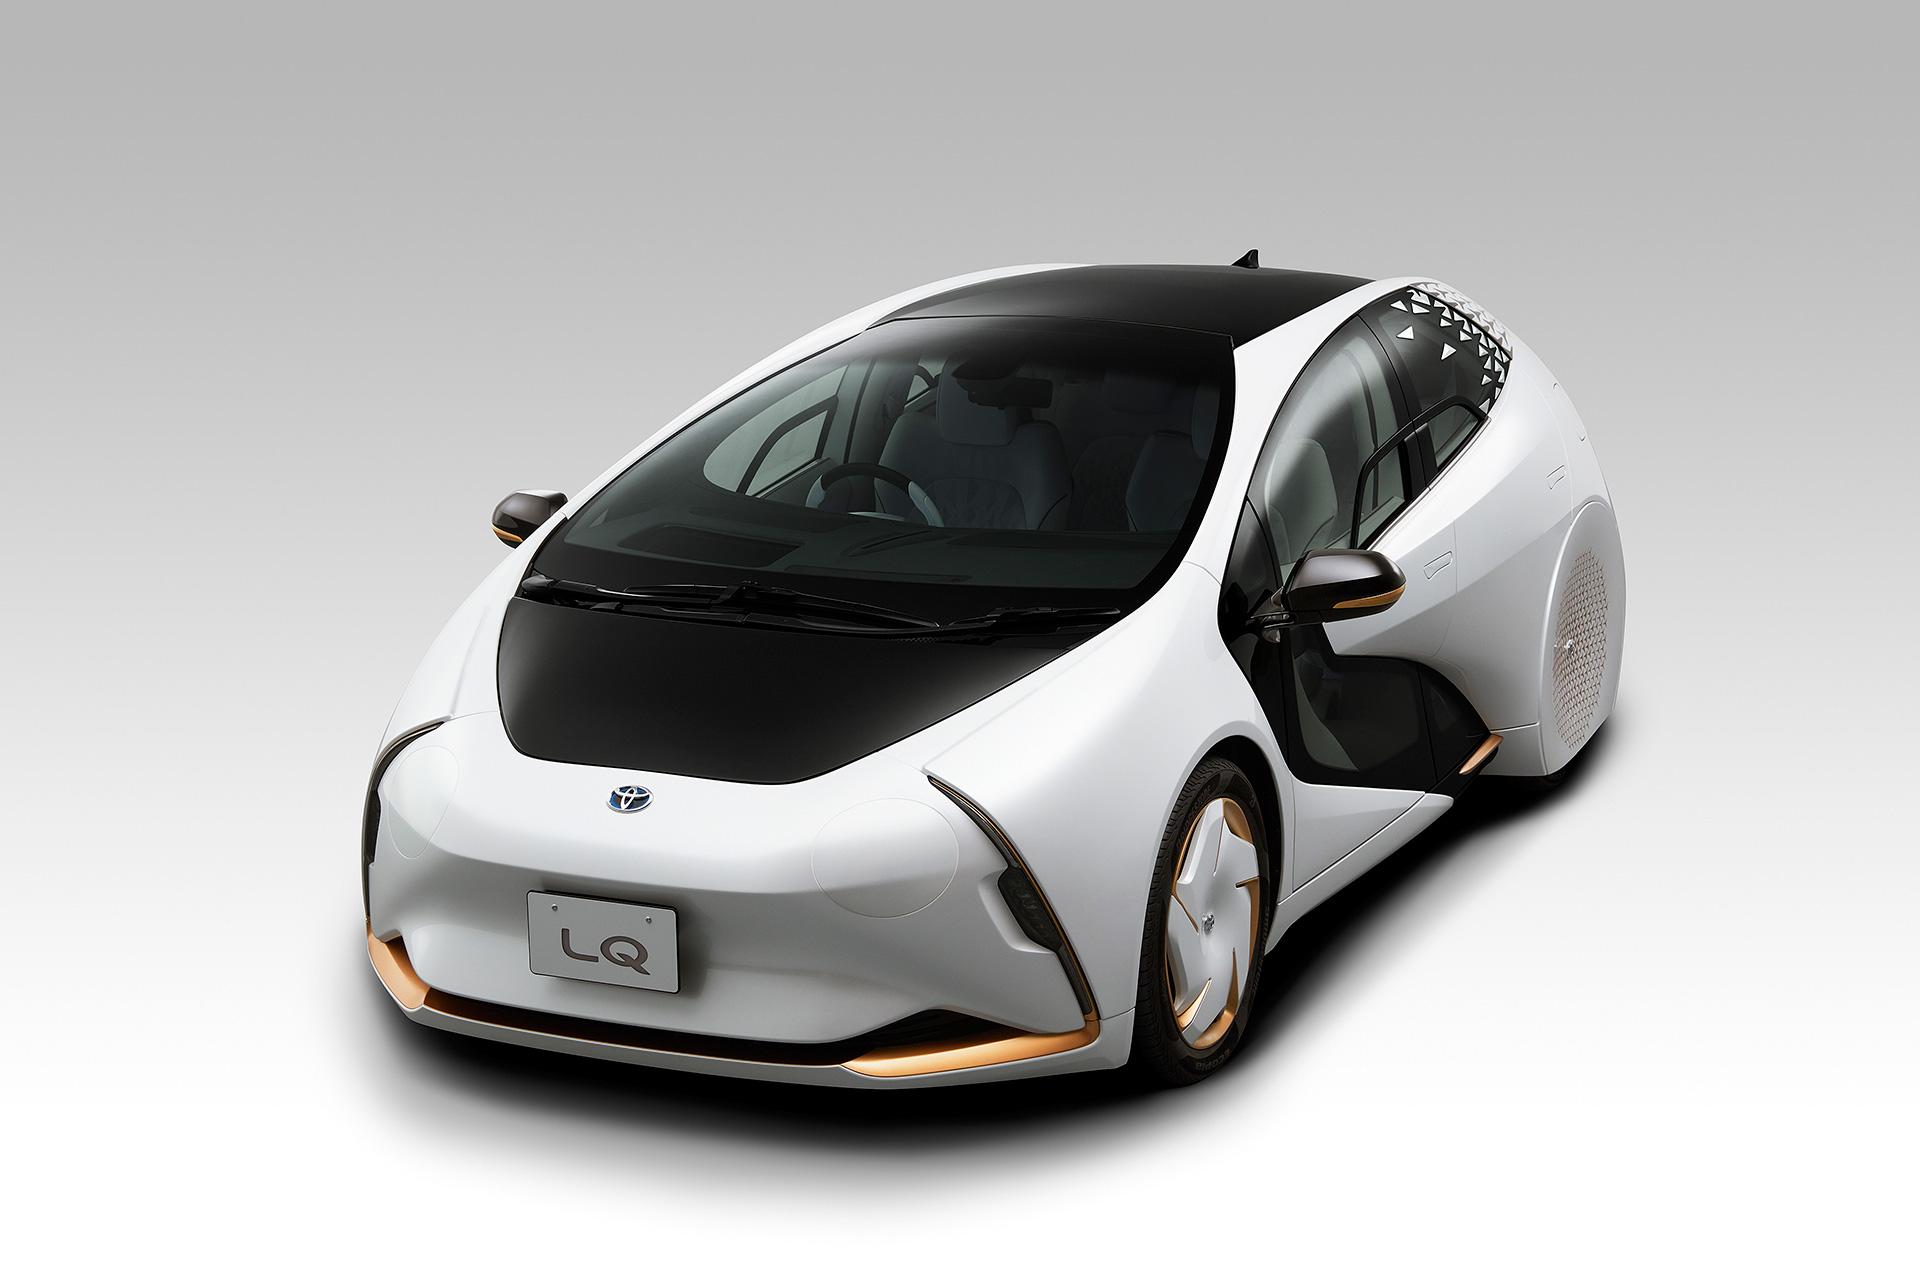 トヨタ LQ